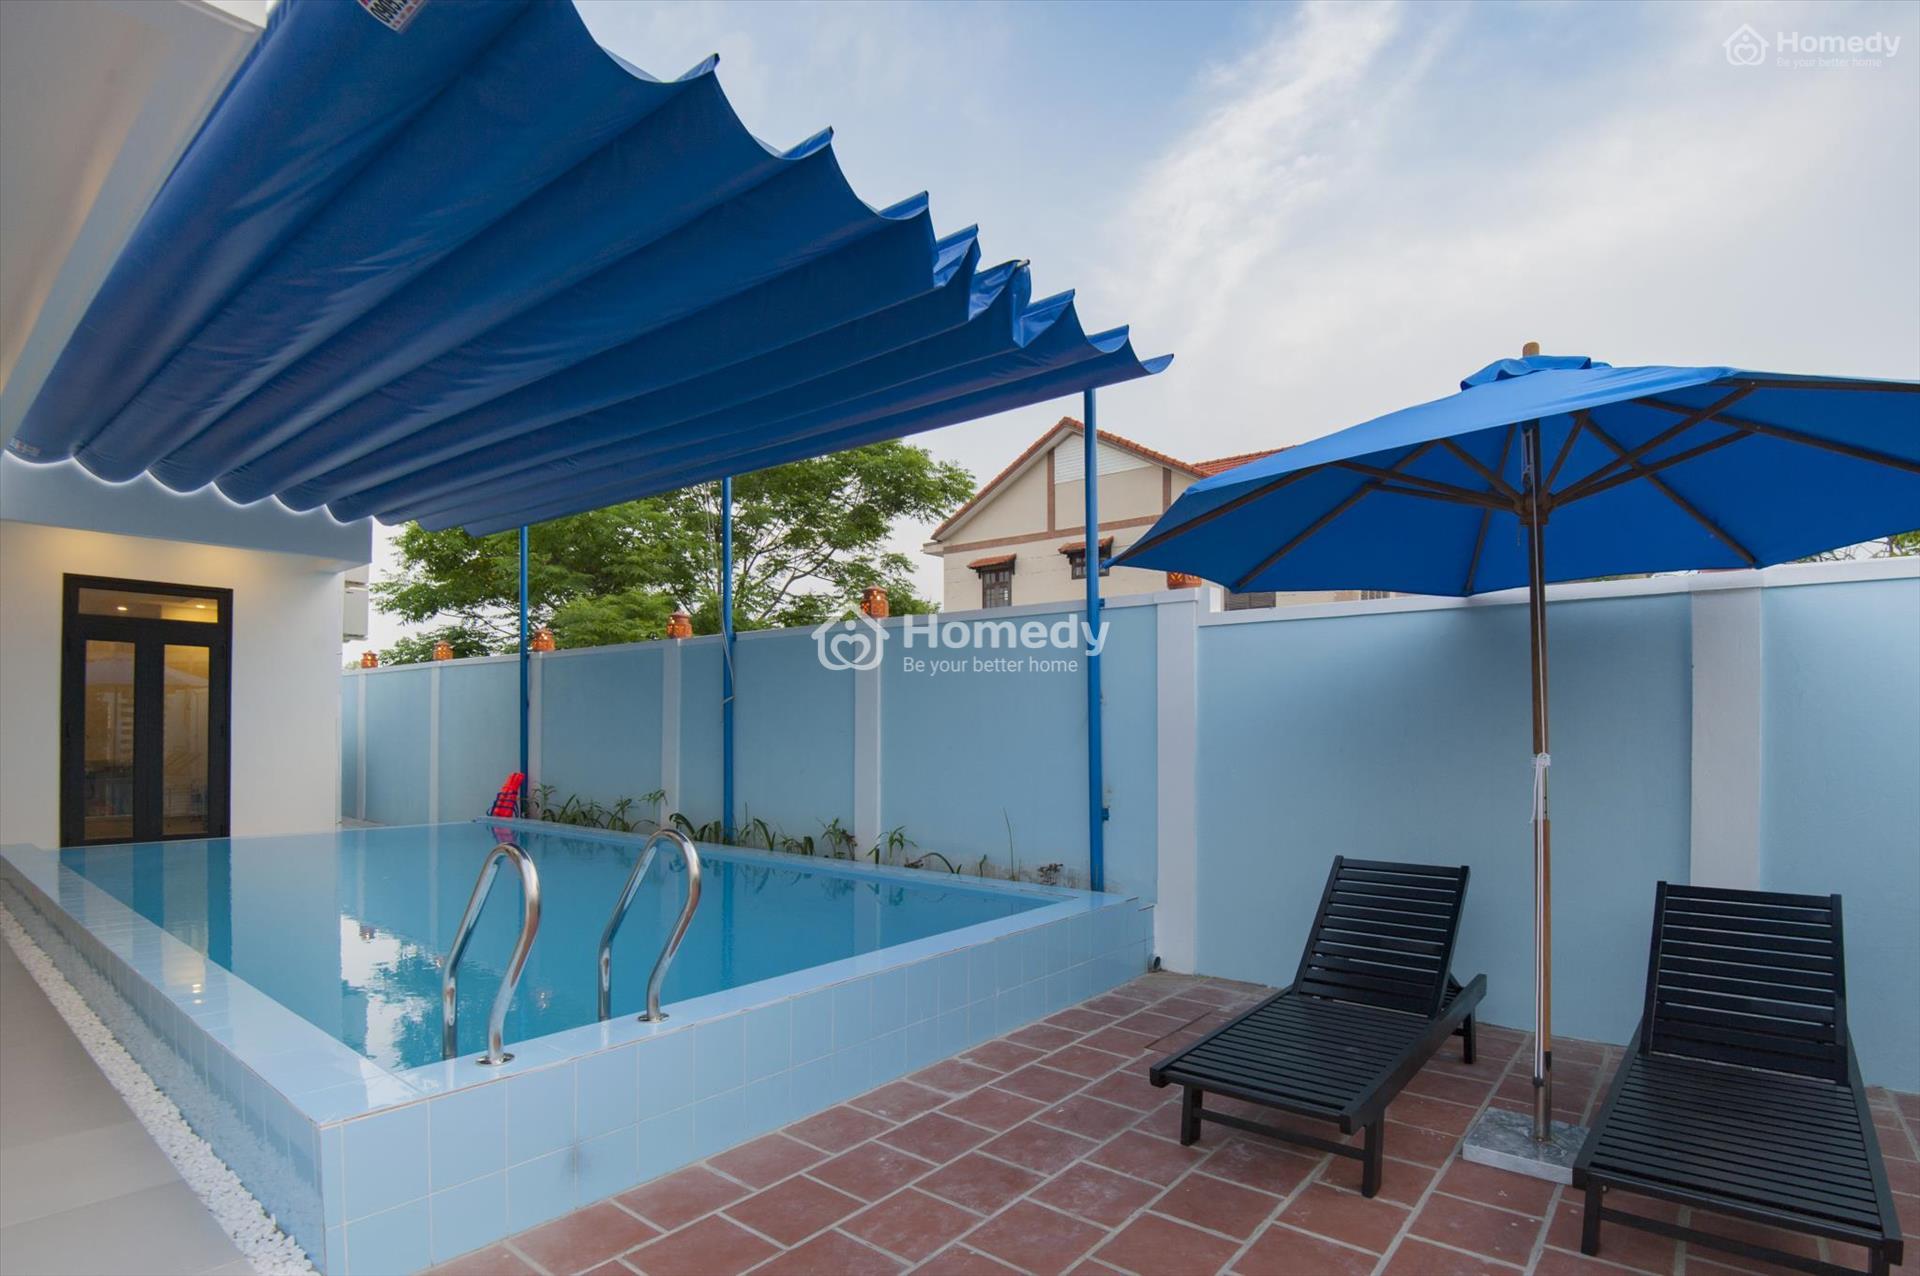 Xây bể bơi gia đình giá rẻ bất ngờ, giải nhiệt mùa hè